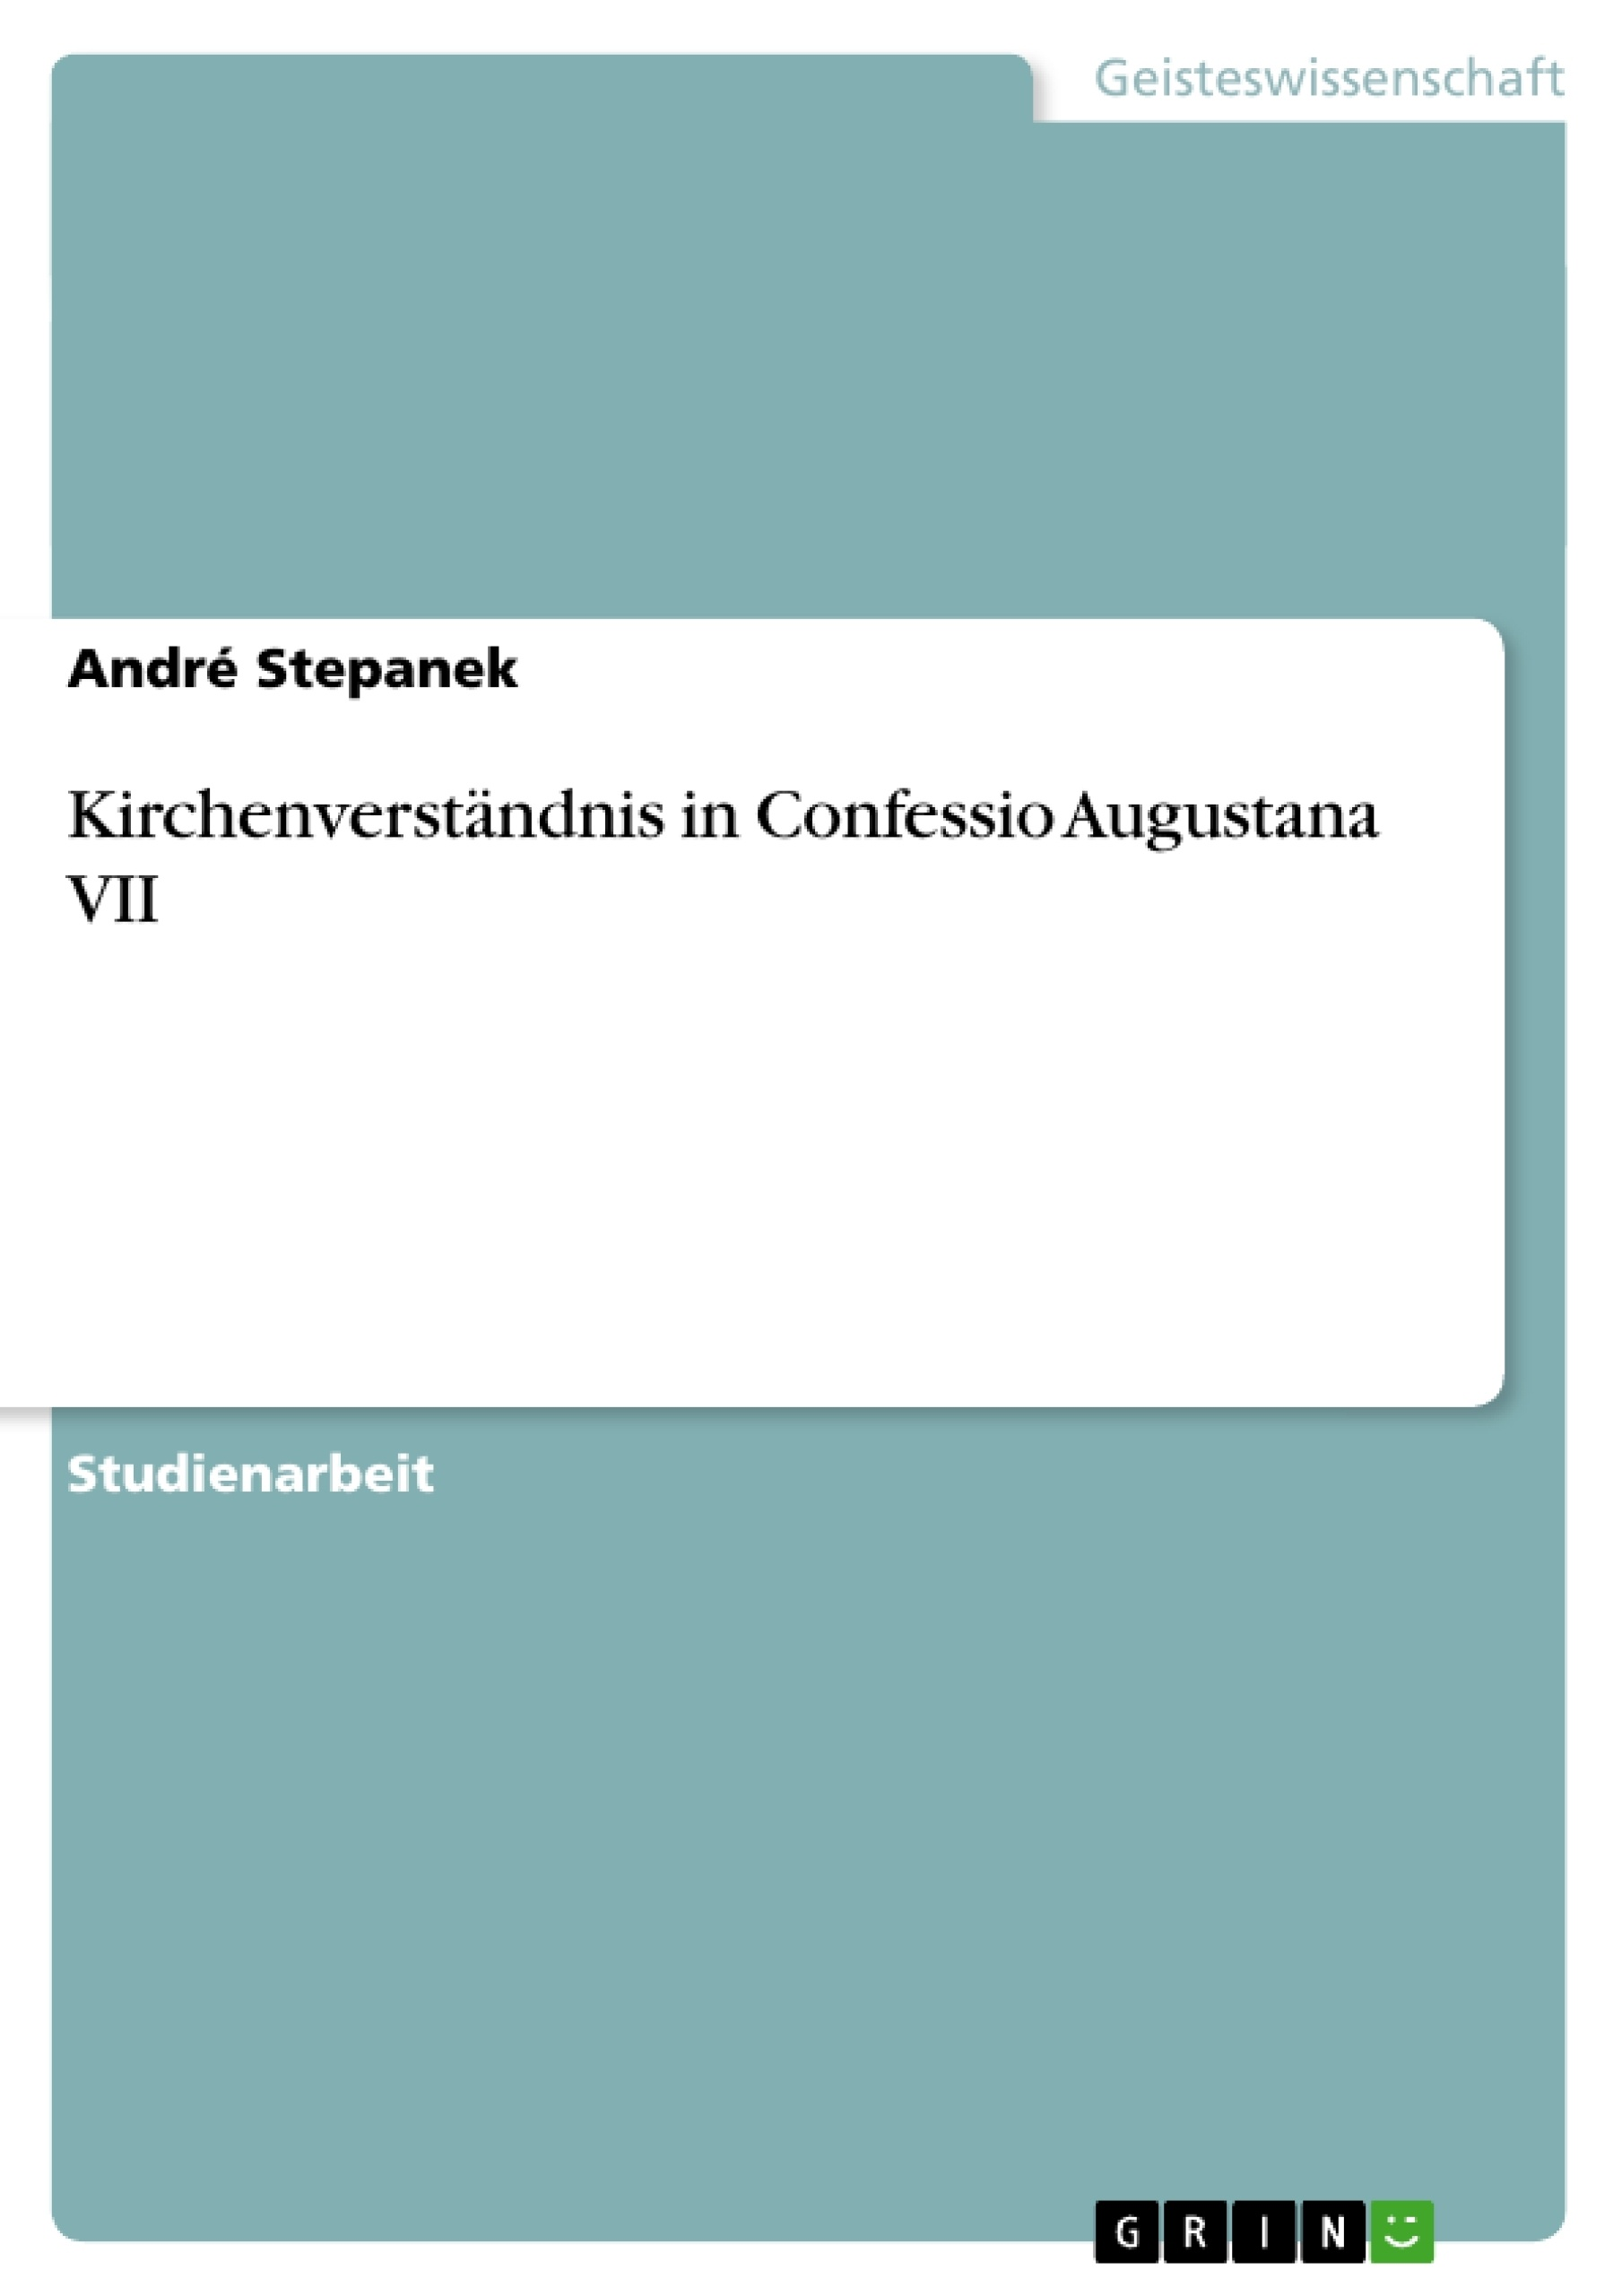 Titel: Kirchenverständnis in Confessio Augustana VII